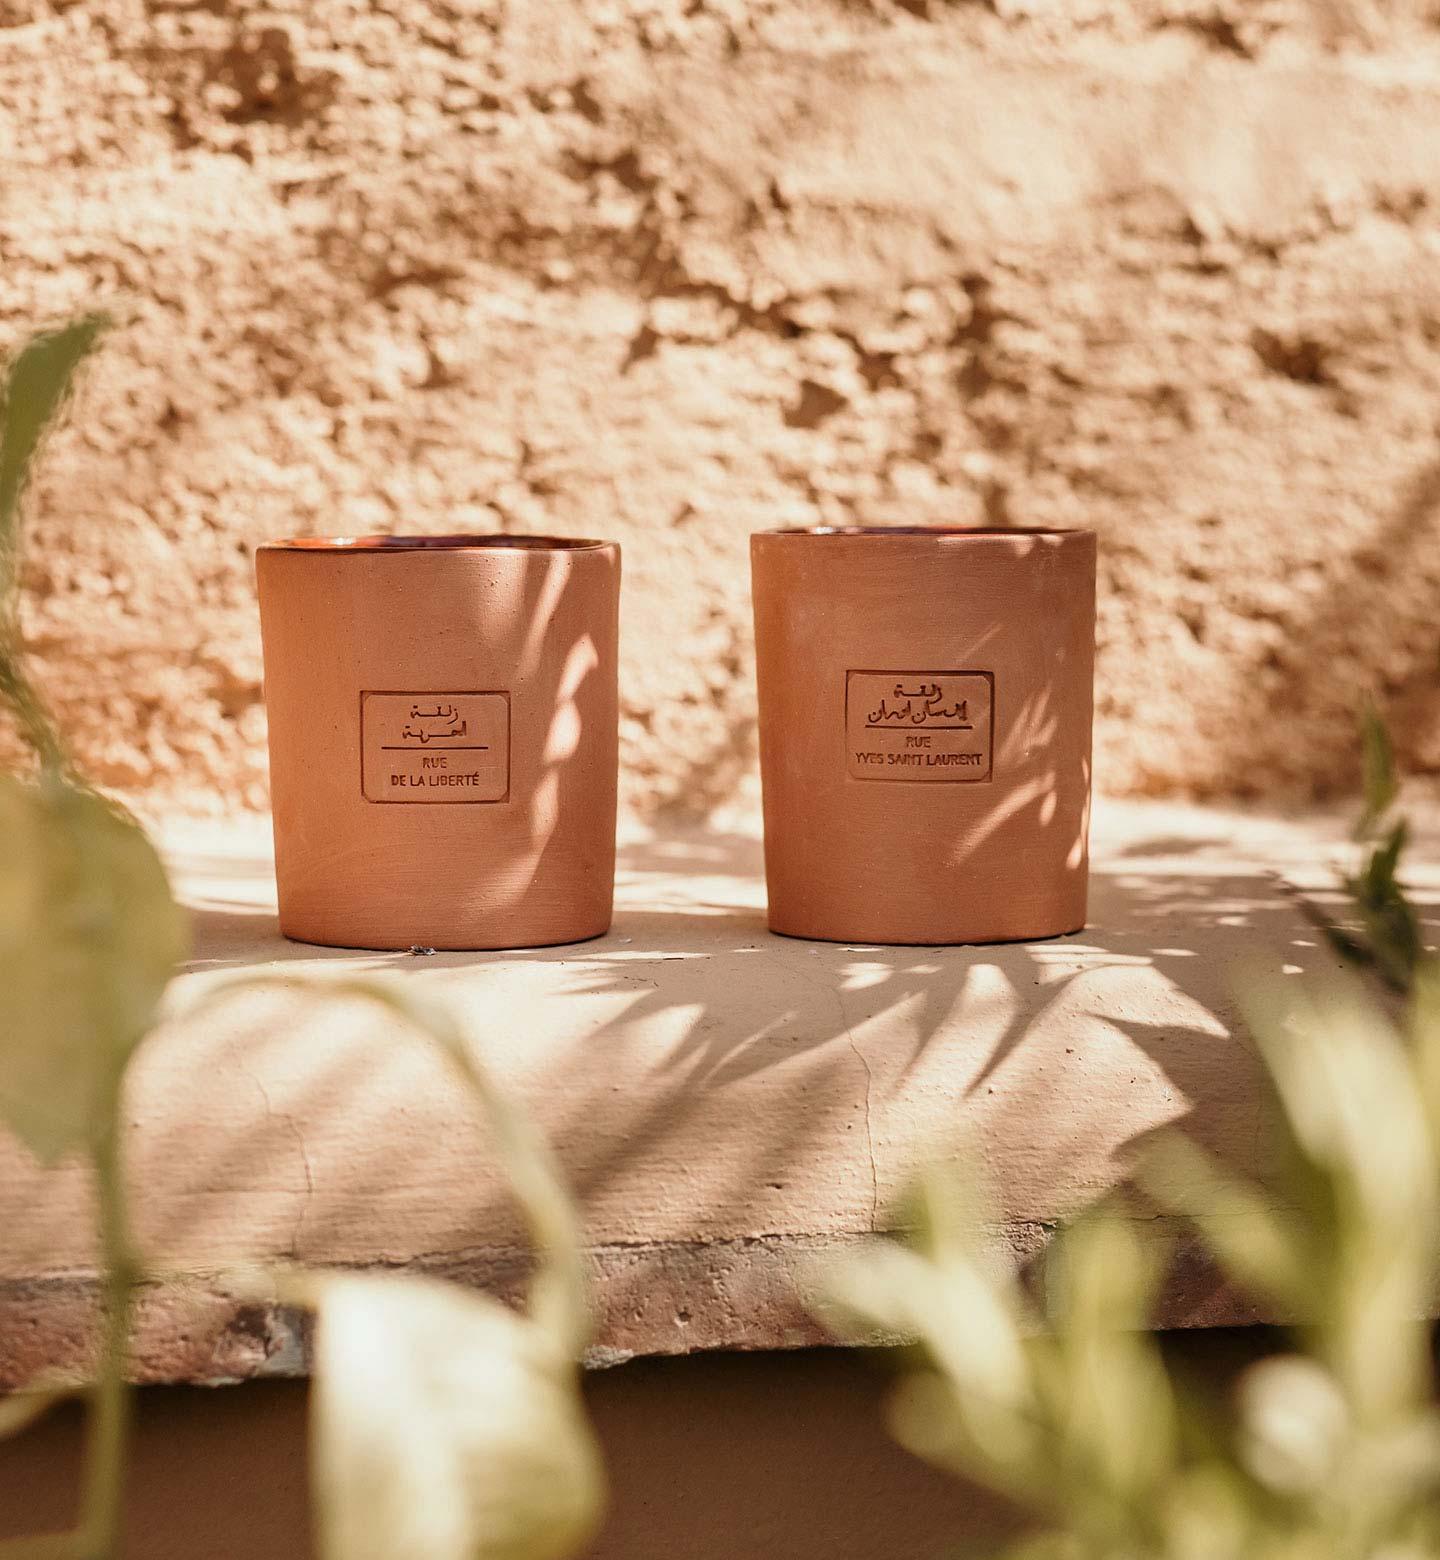 deux bougies de la collection 40000 marrakech en couleur de terre cuite